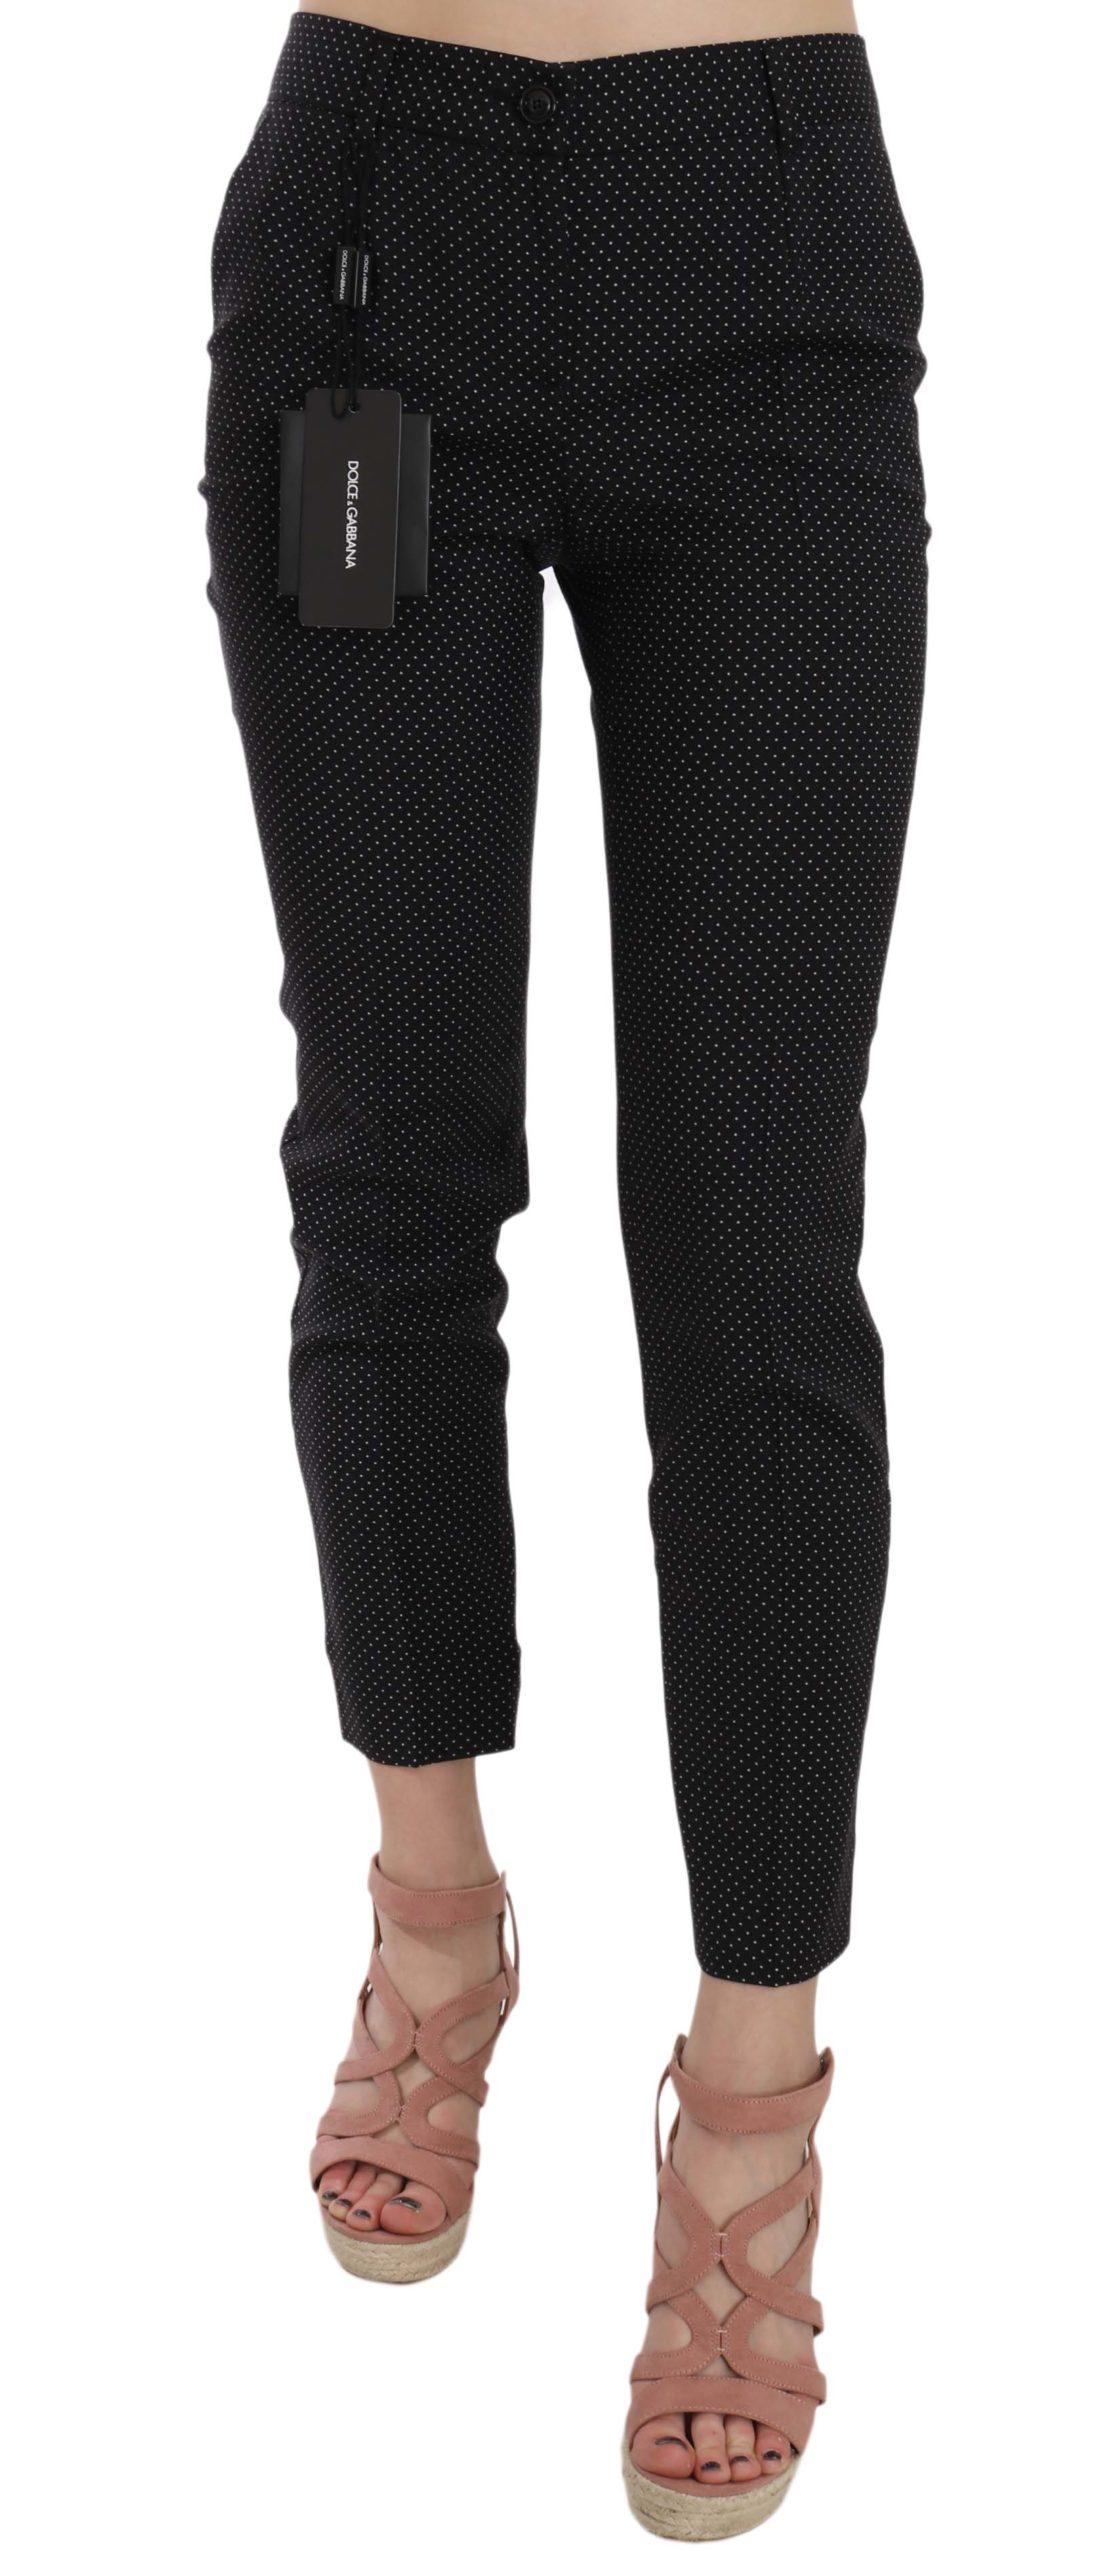 Dolce & Gabbana Women's Dot Slim Capri Trousers Black PAN70012 - IT38|XS